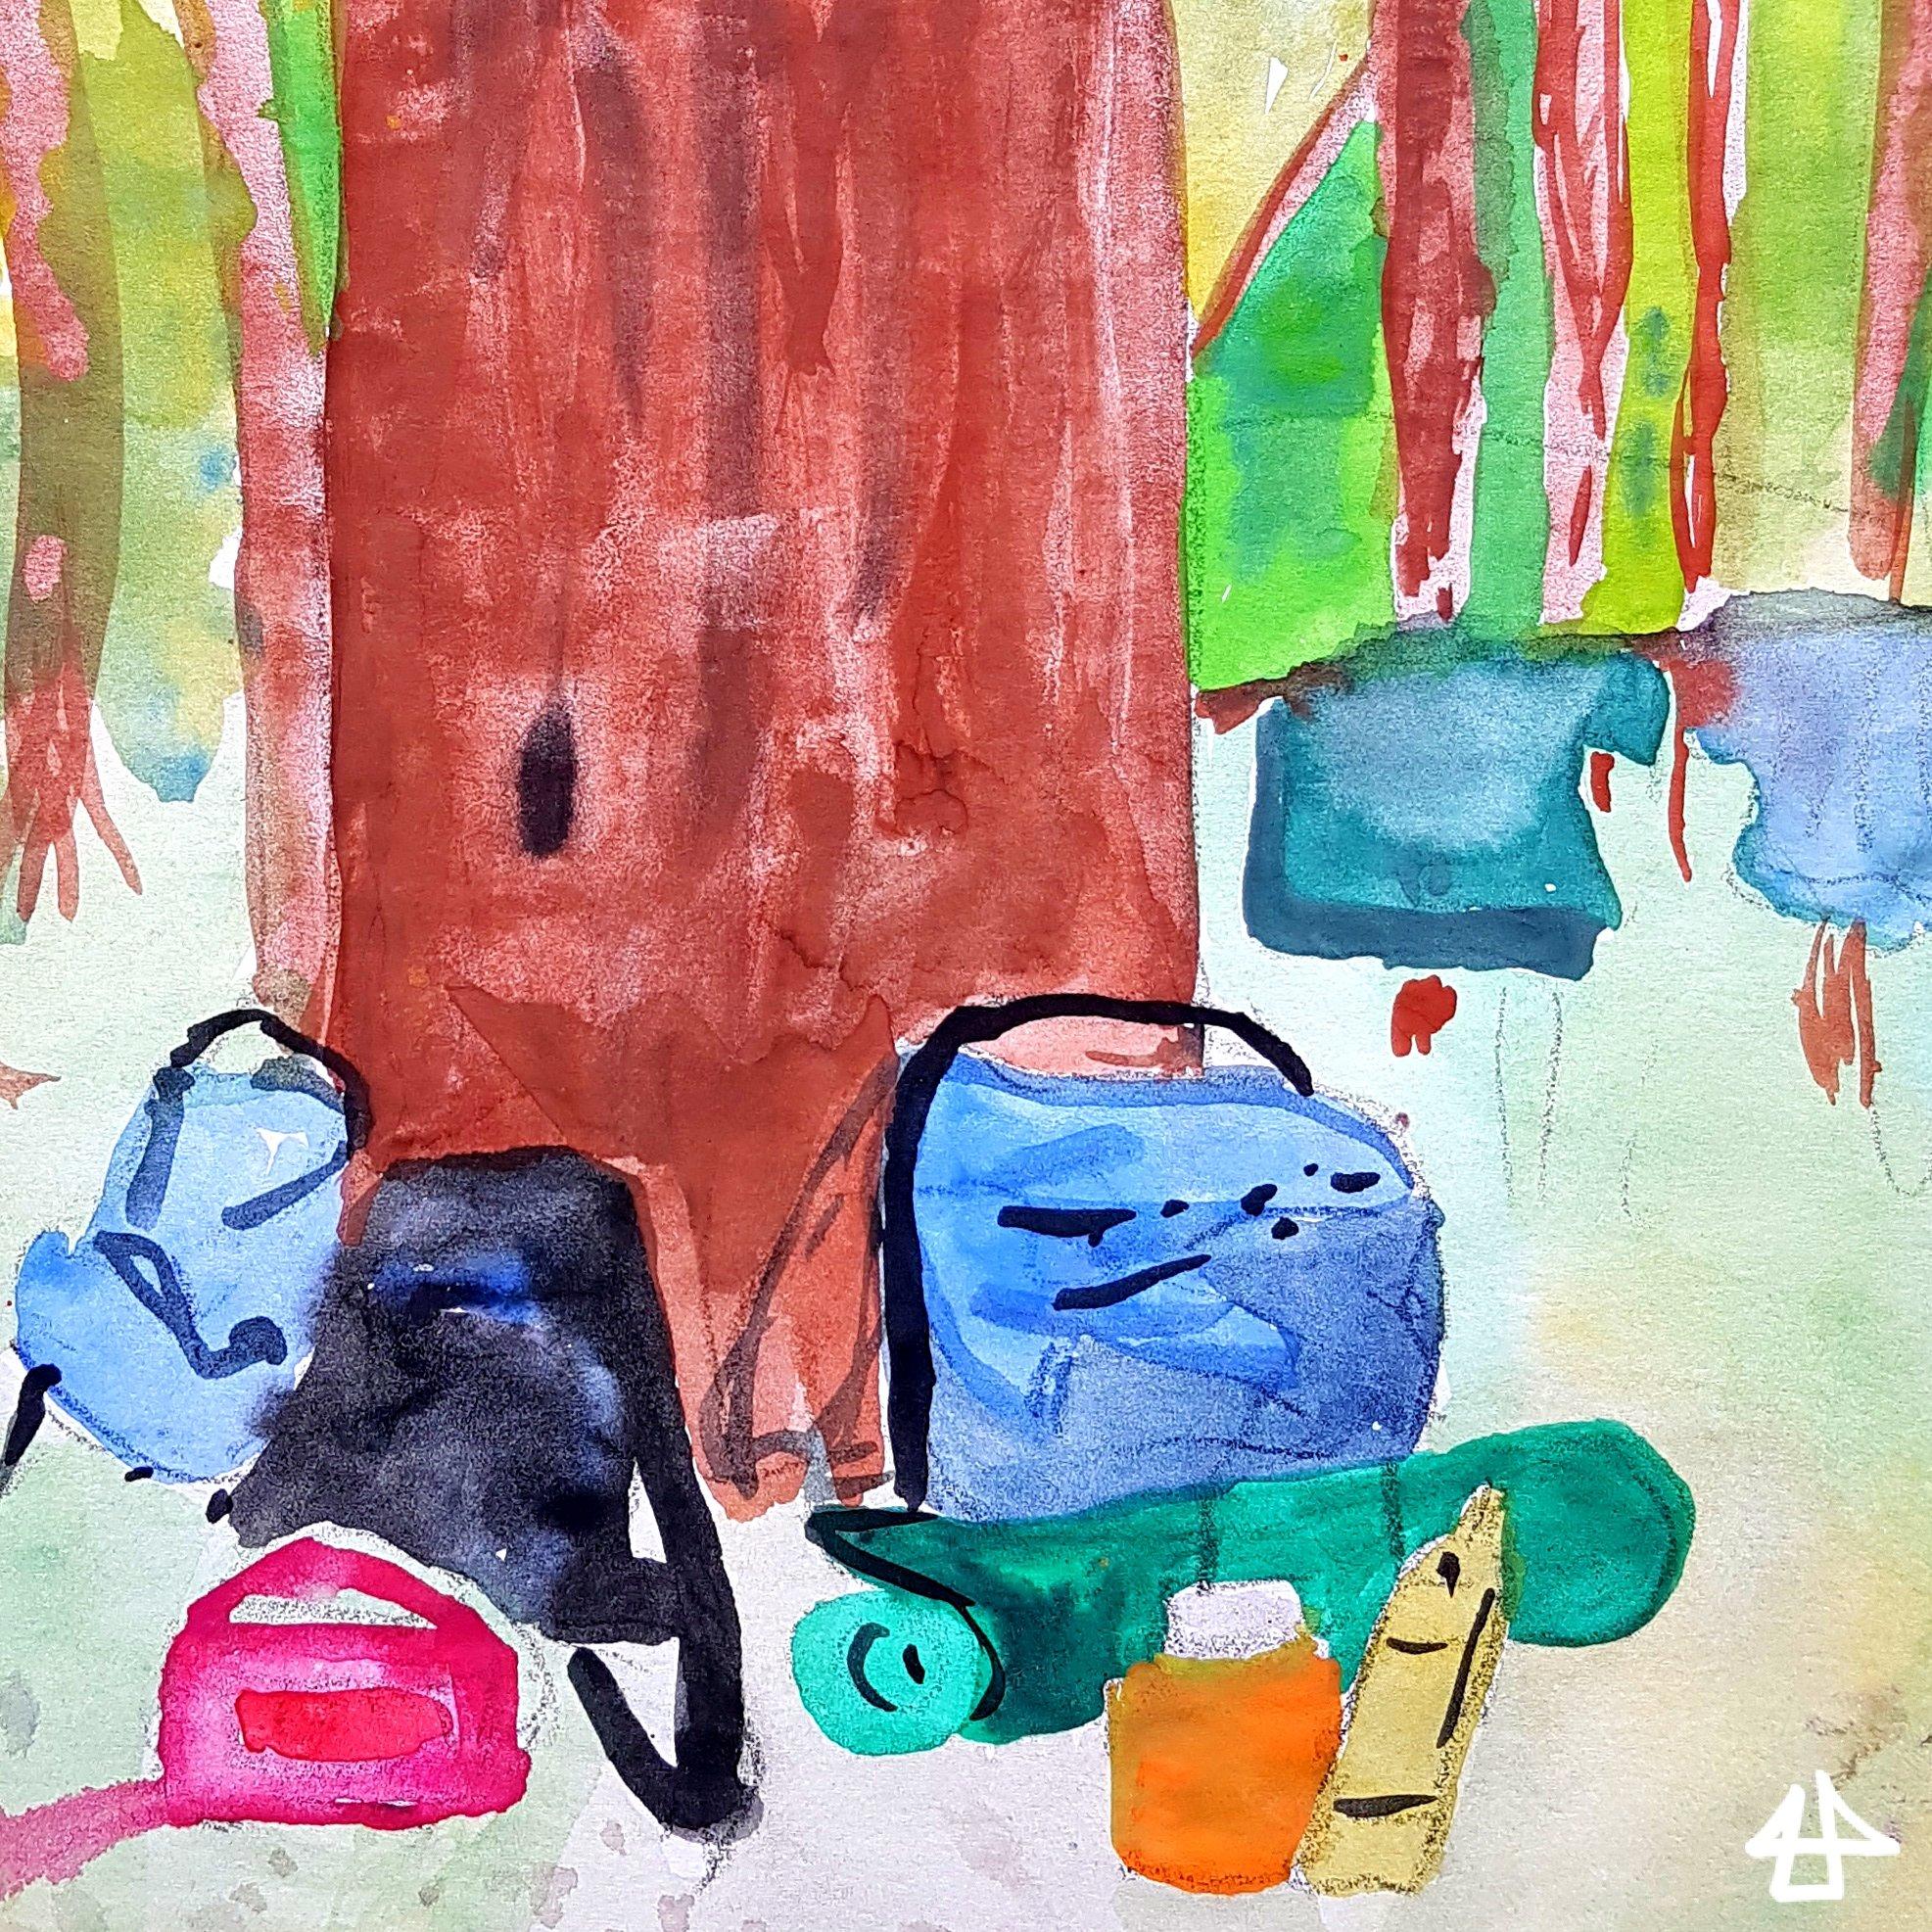 Schulmalfarben auf einfachem Papier. Große und kleine Wanderrucksäcke lehnen an Baumstamm und über Zweigen daneben trocken zwei T-shirts